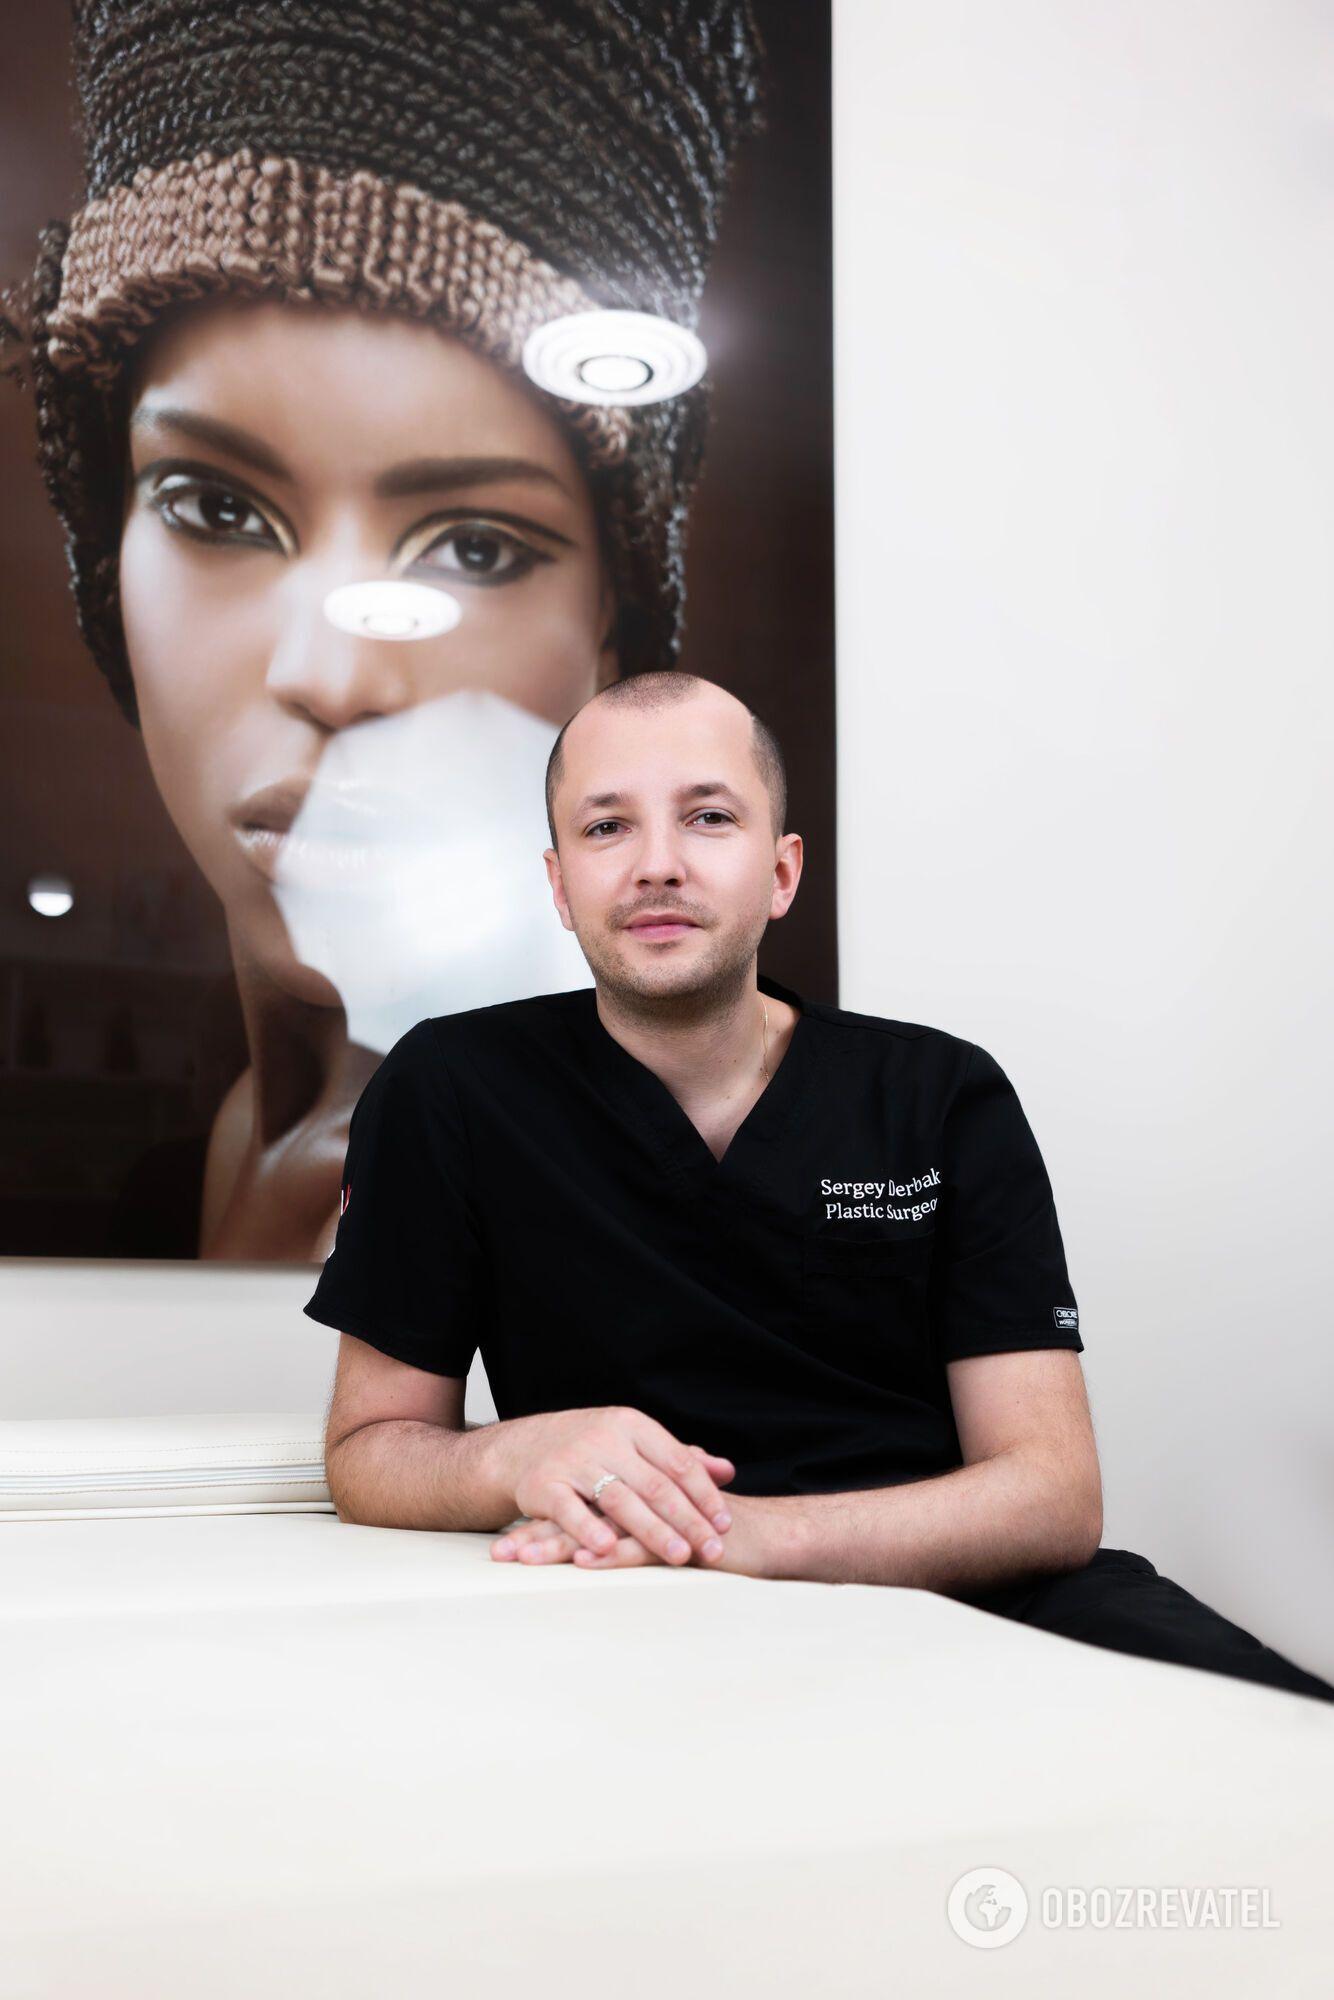 Український пластичний хірург Сергій Дербак